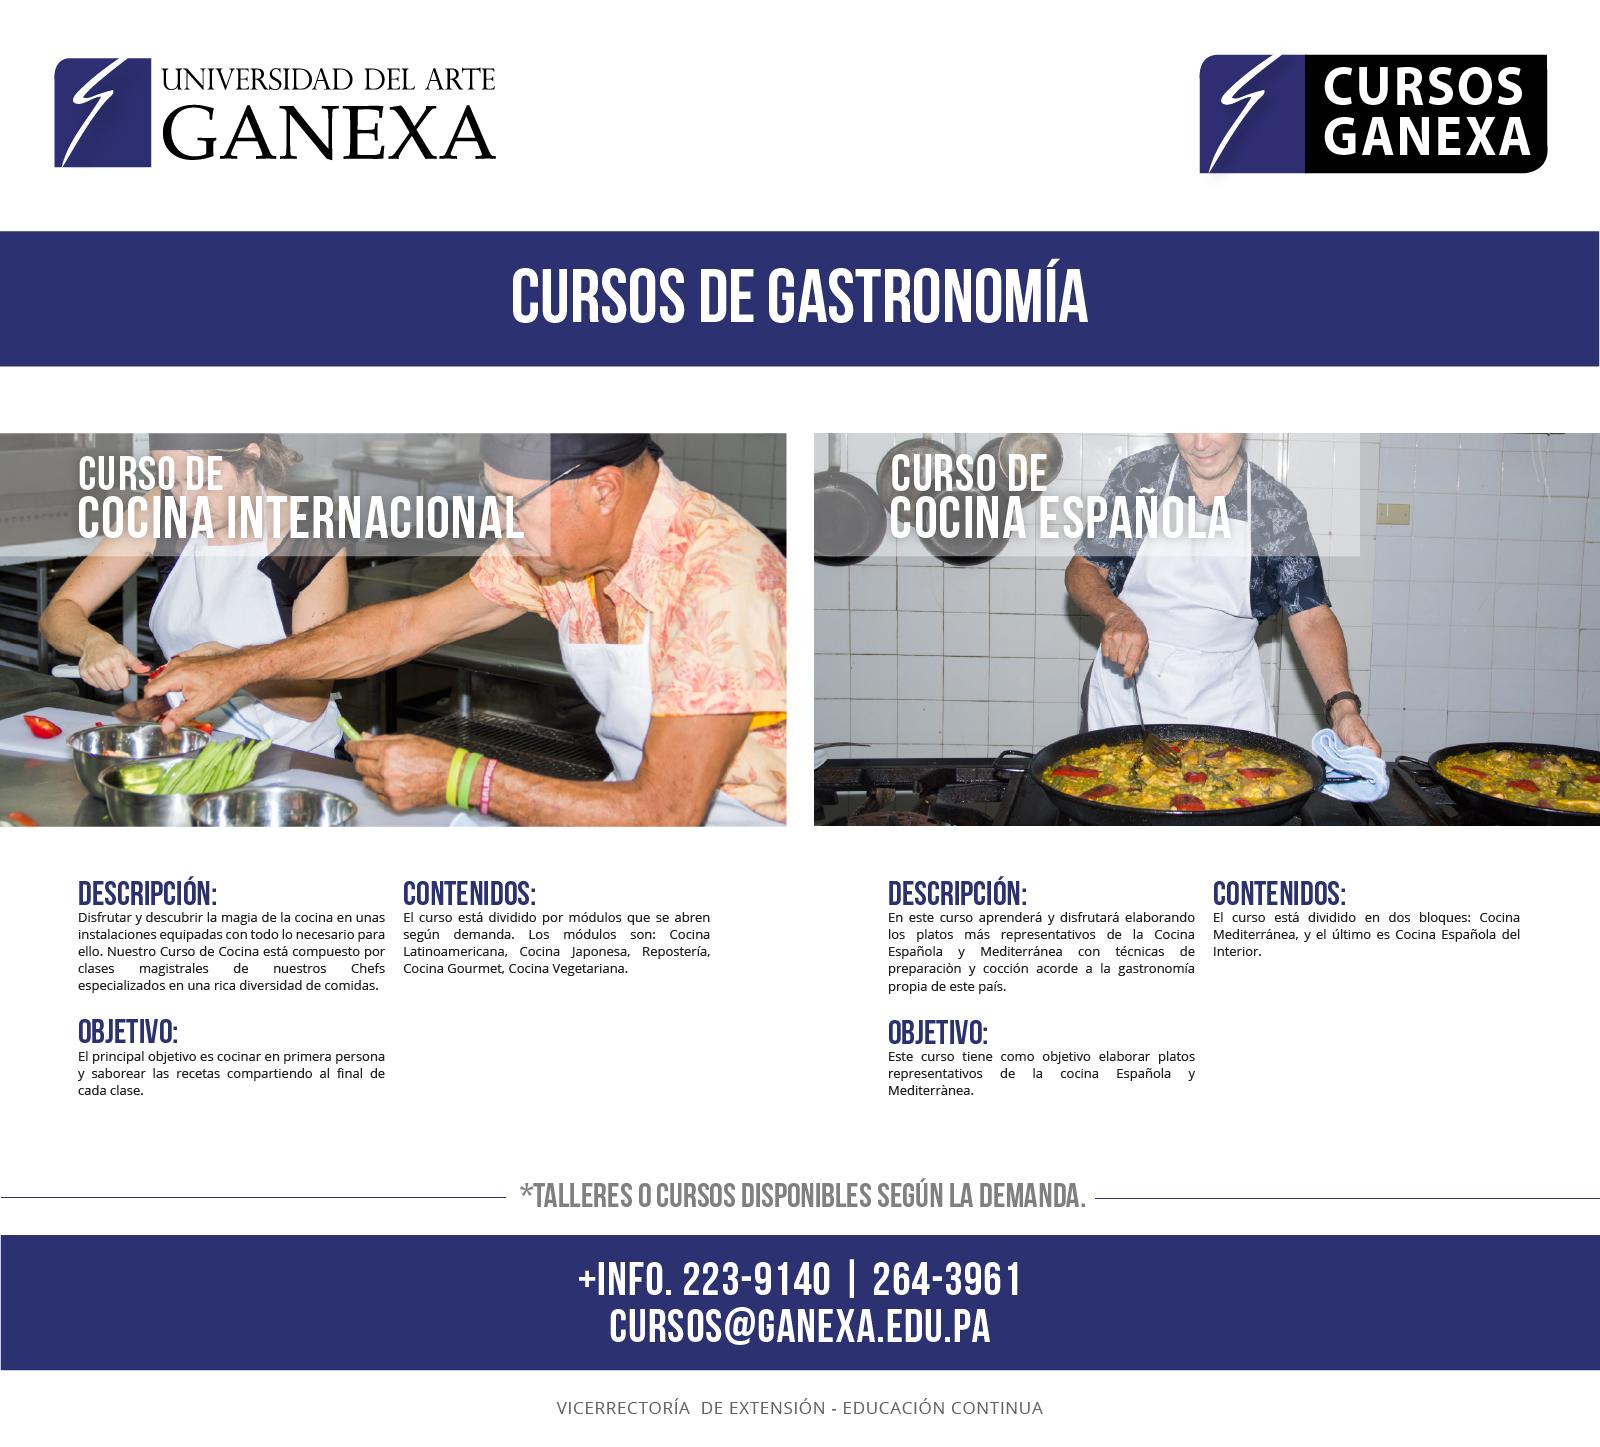 Cursos de cocina universidad del arte ganexa for Universidad de arte